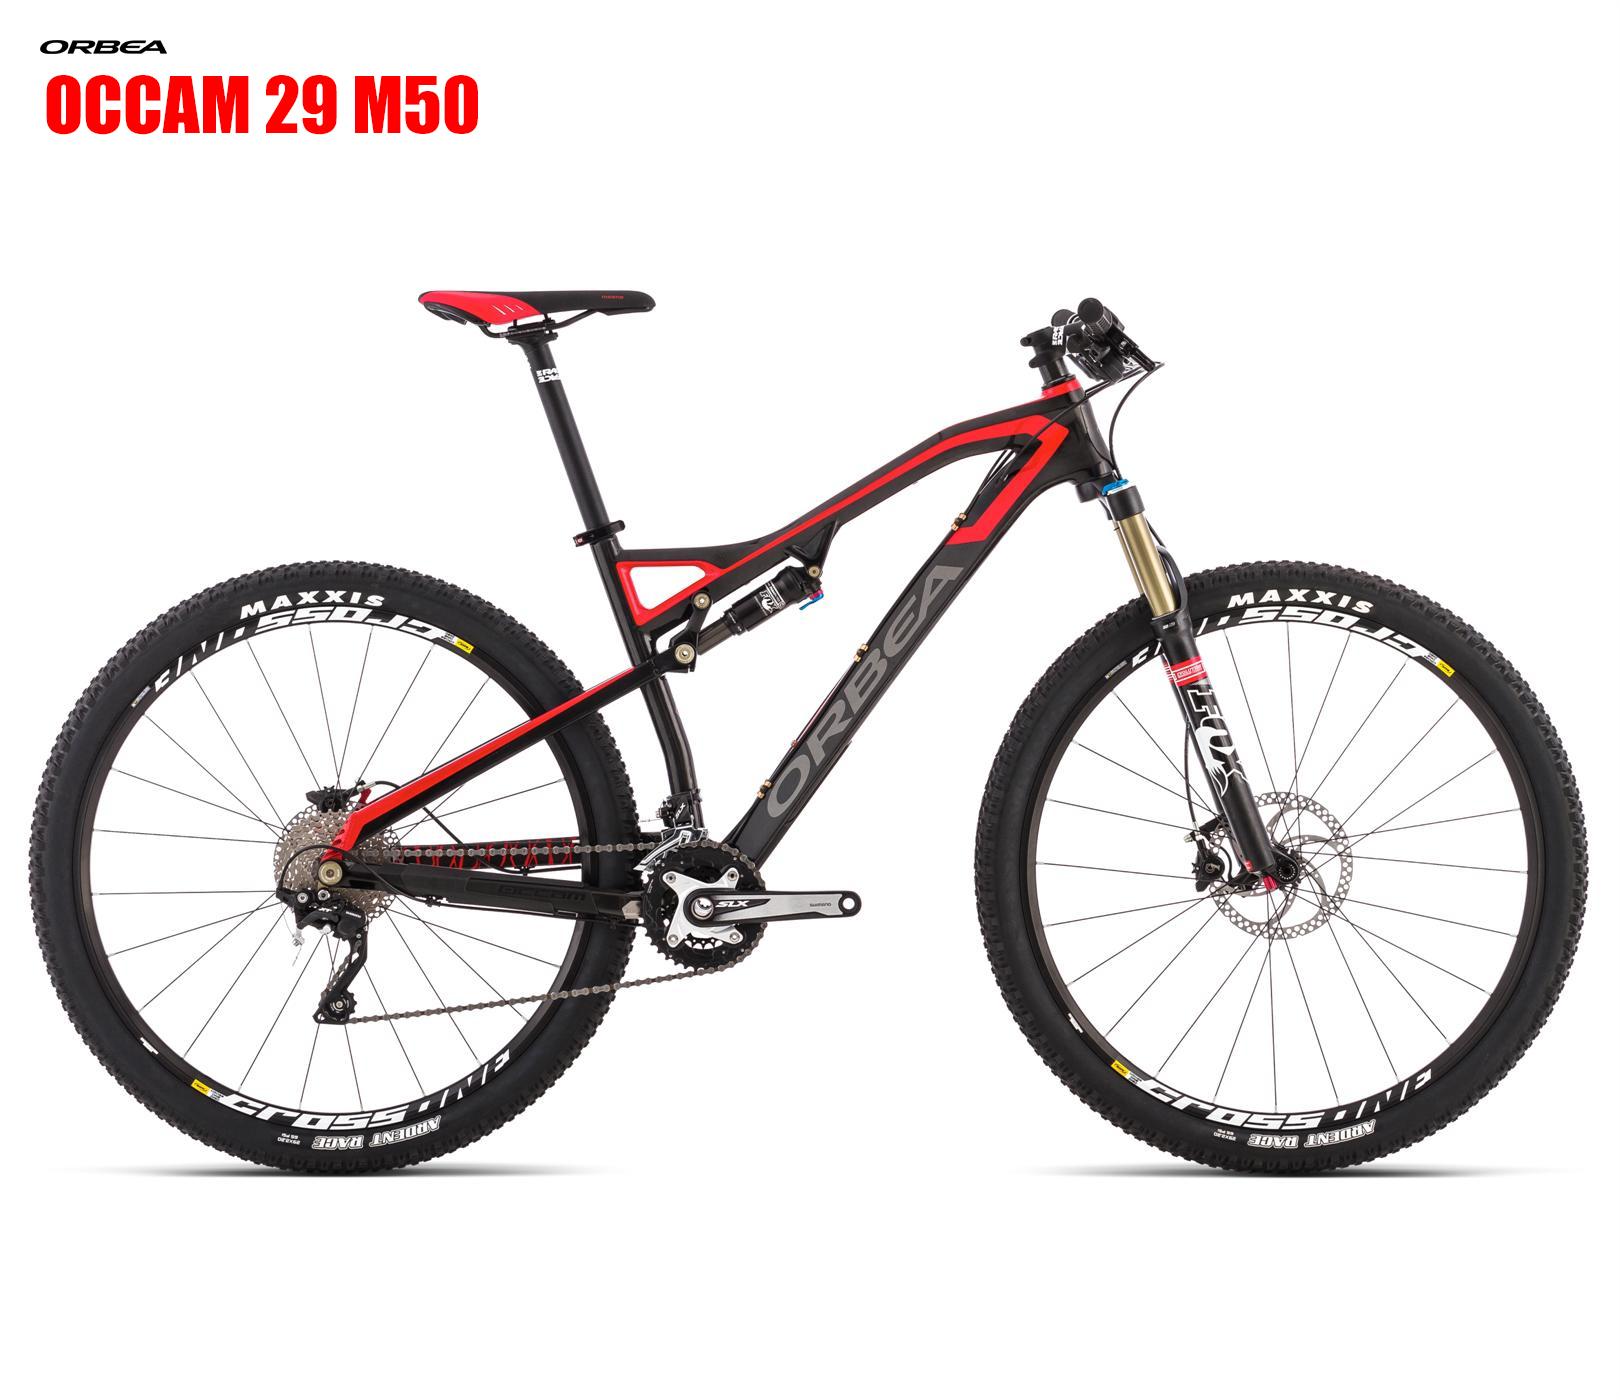 D249TTCC-D6-SIDE-OCCAM 29 M50